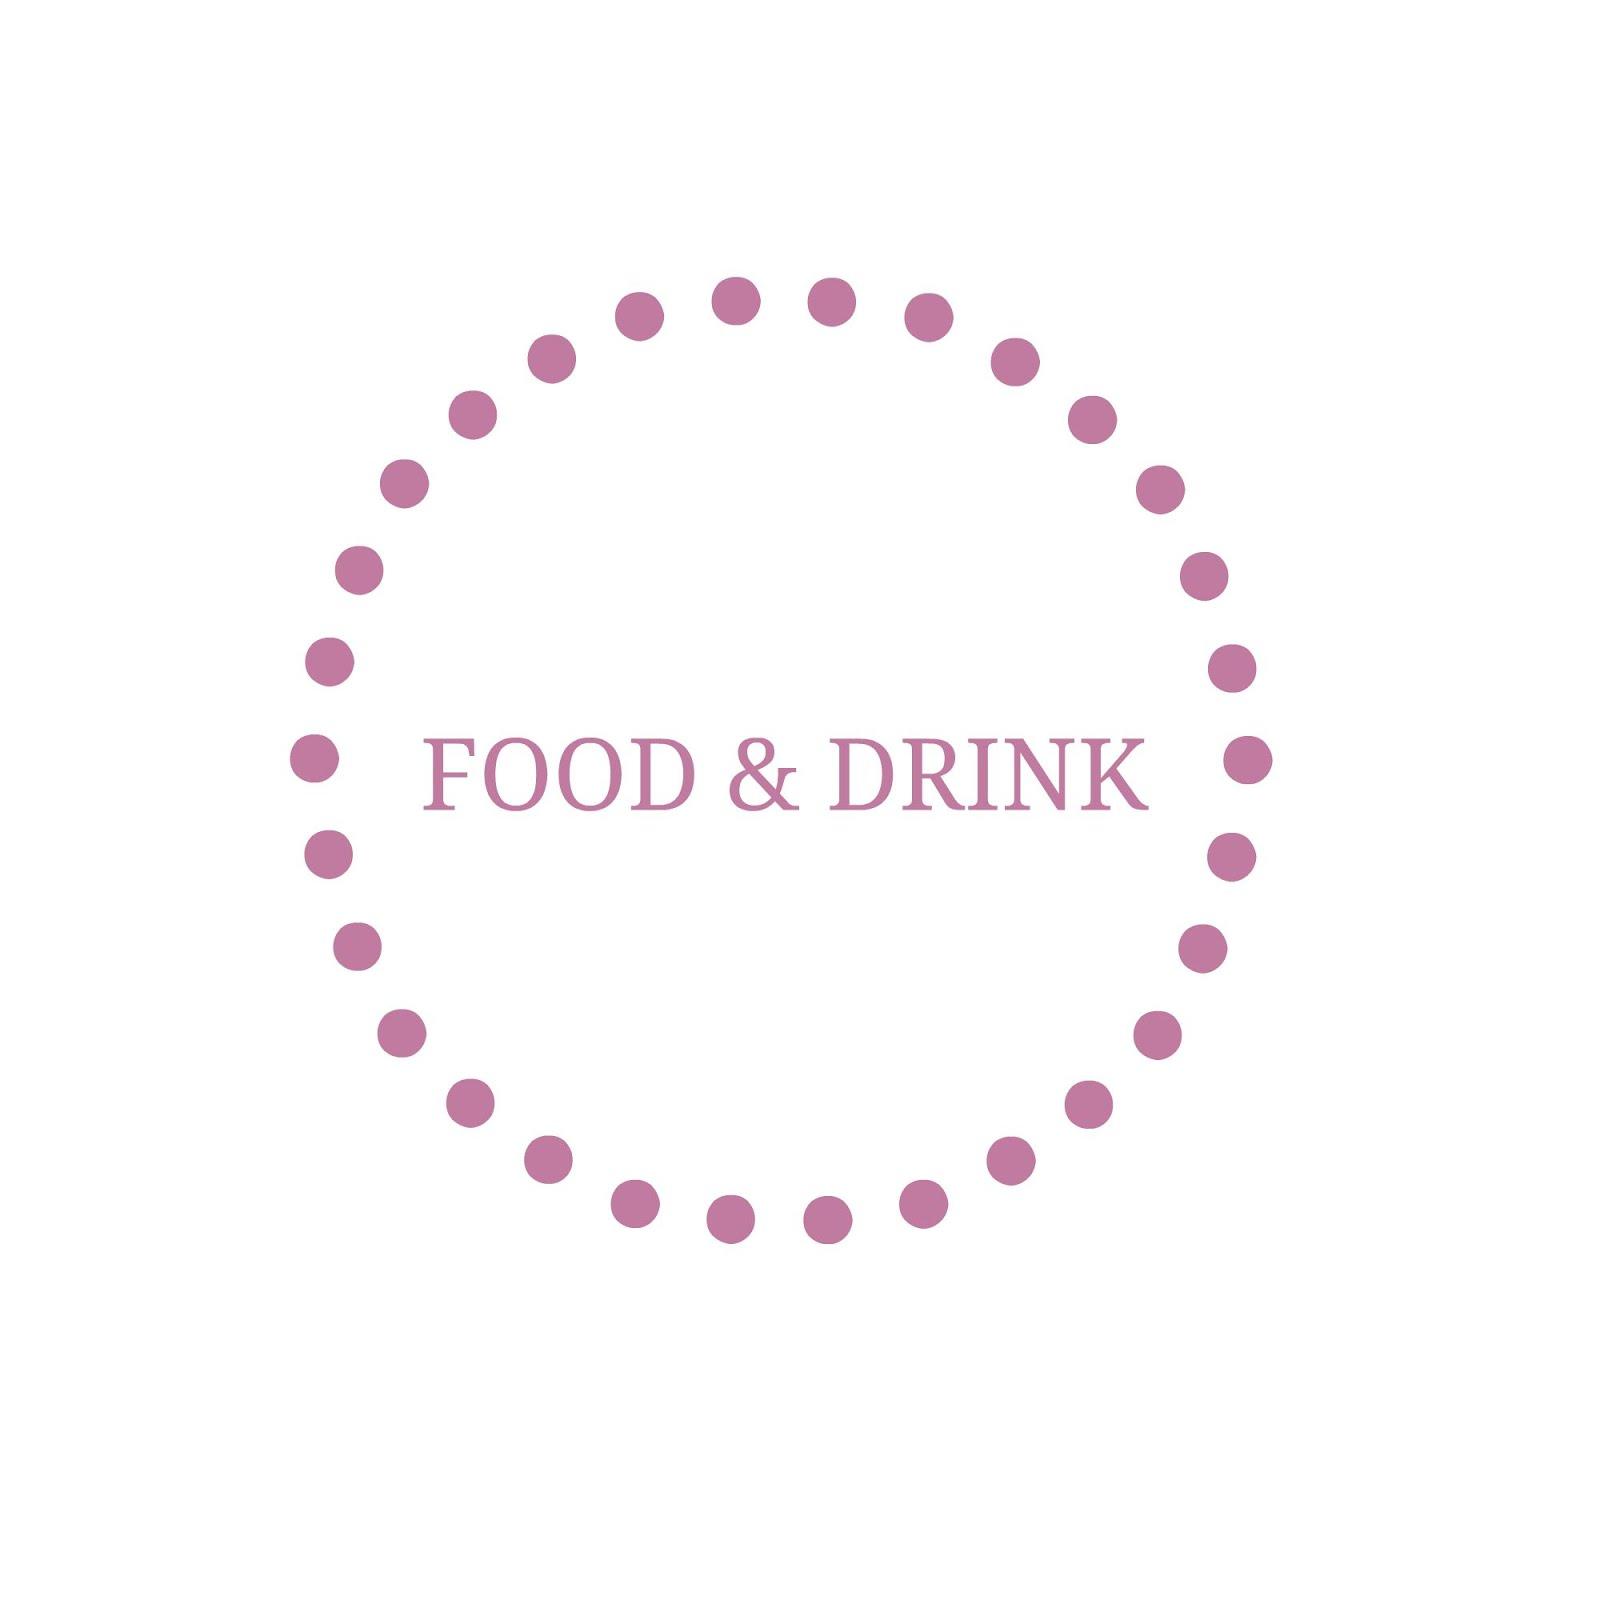 Comida y bebidas